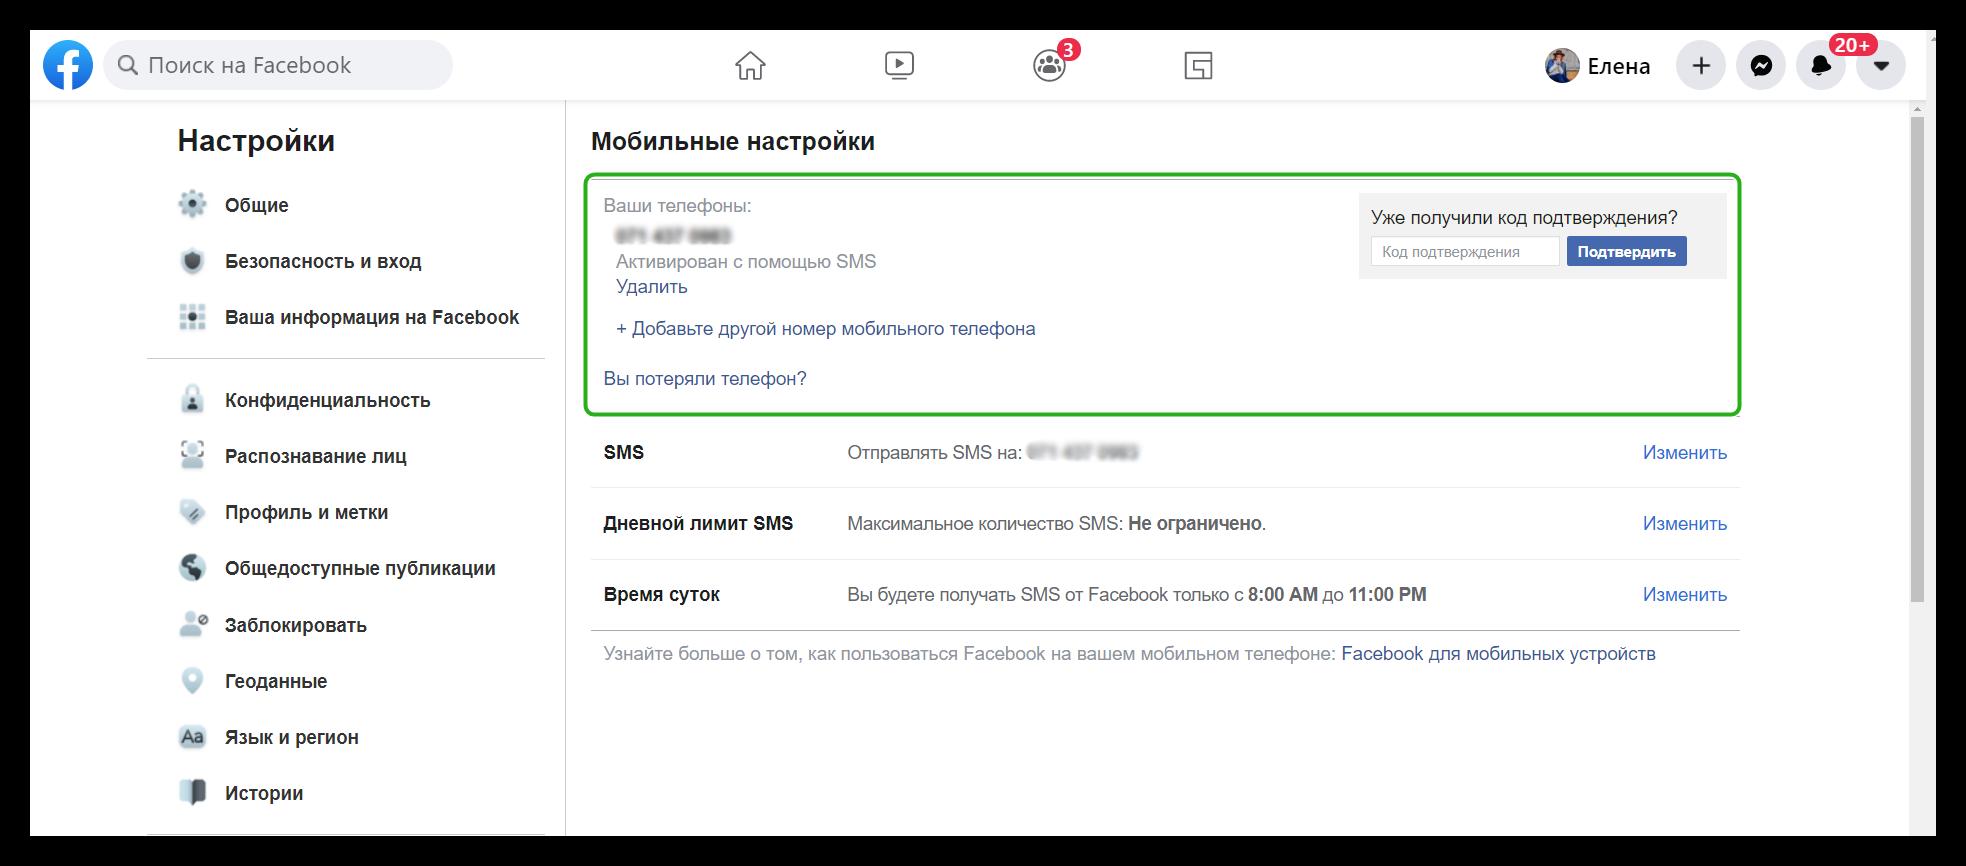 Смена номера телефона в Фейсбуке